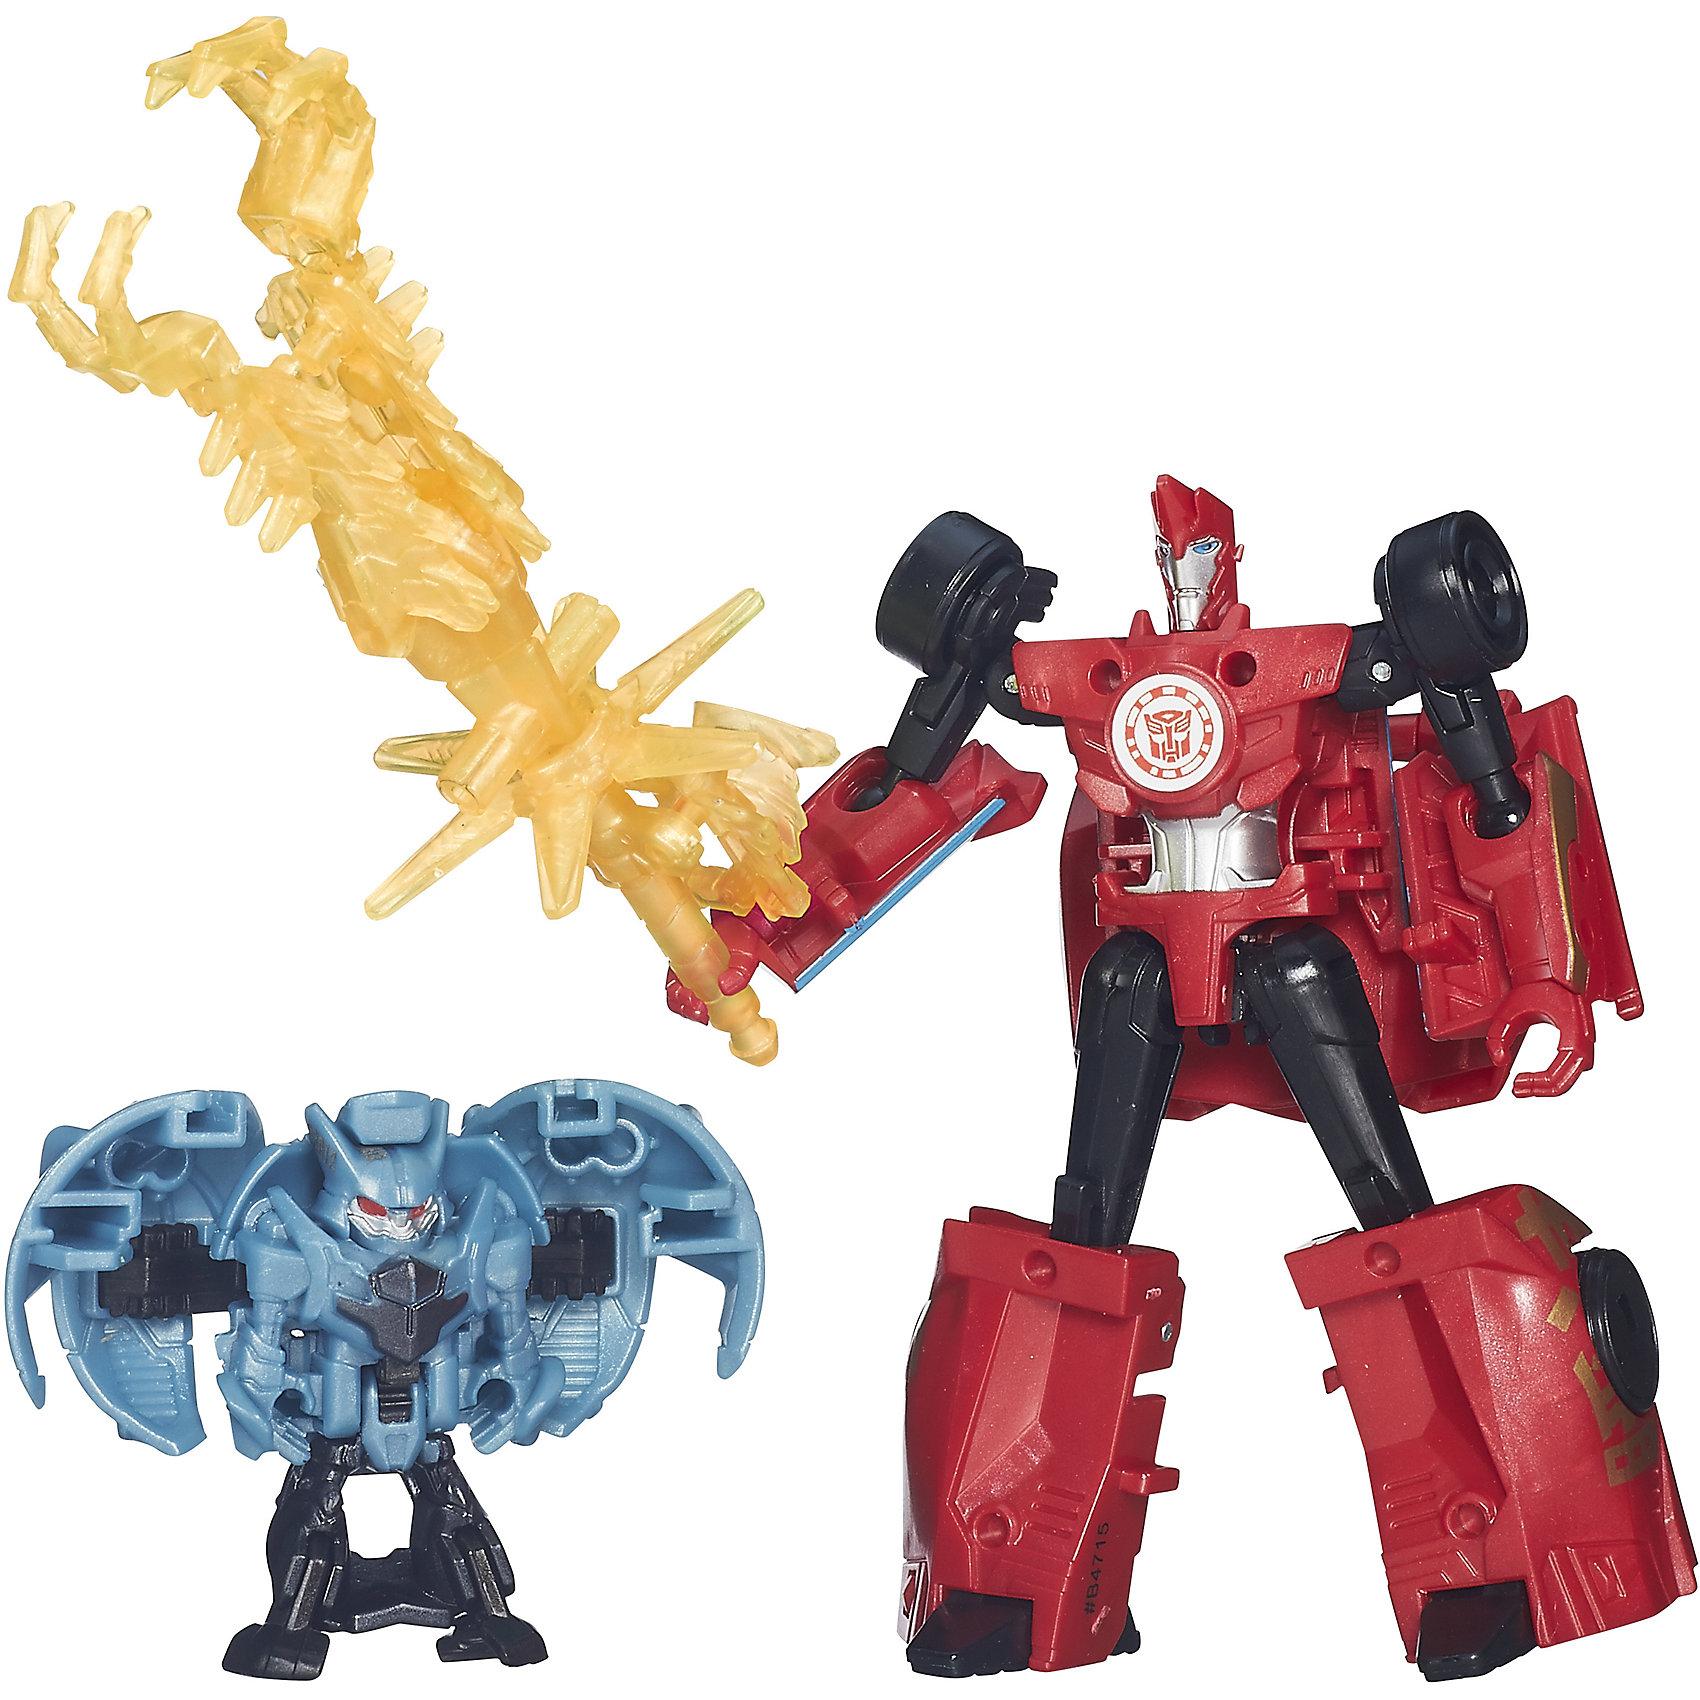 Миниконы Бэтл Пэкс, Роботс-ин-Дисгайс, Трансформеры, B4713/B4715